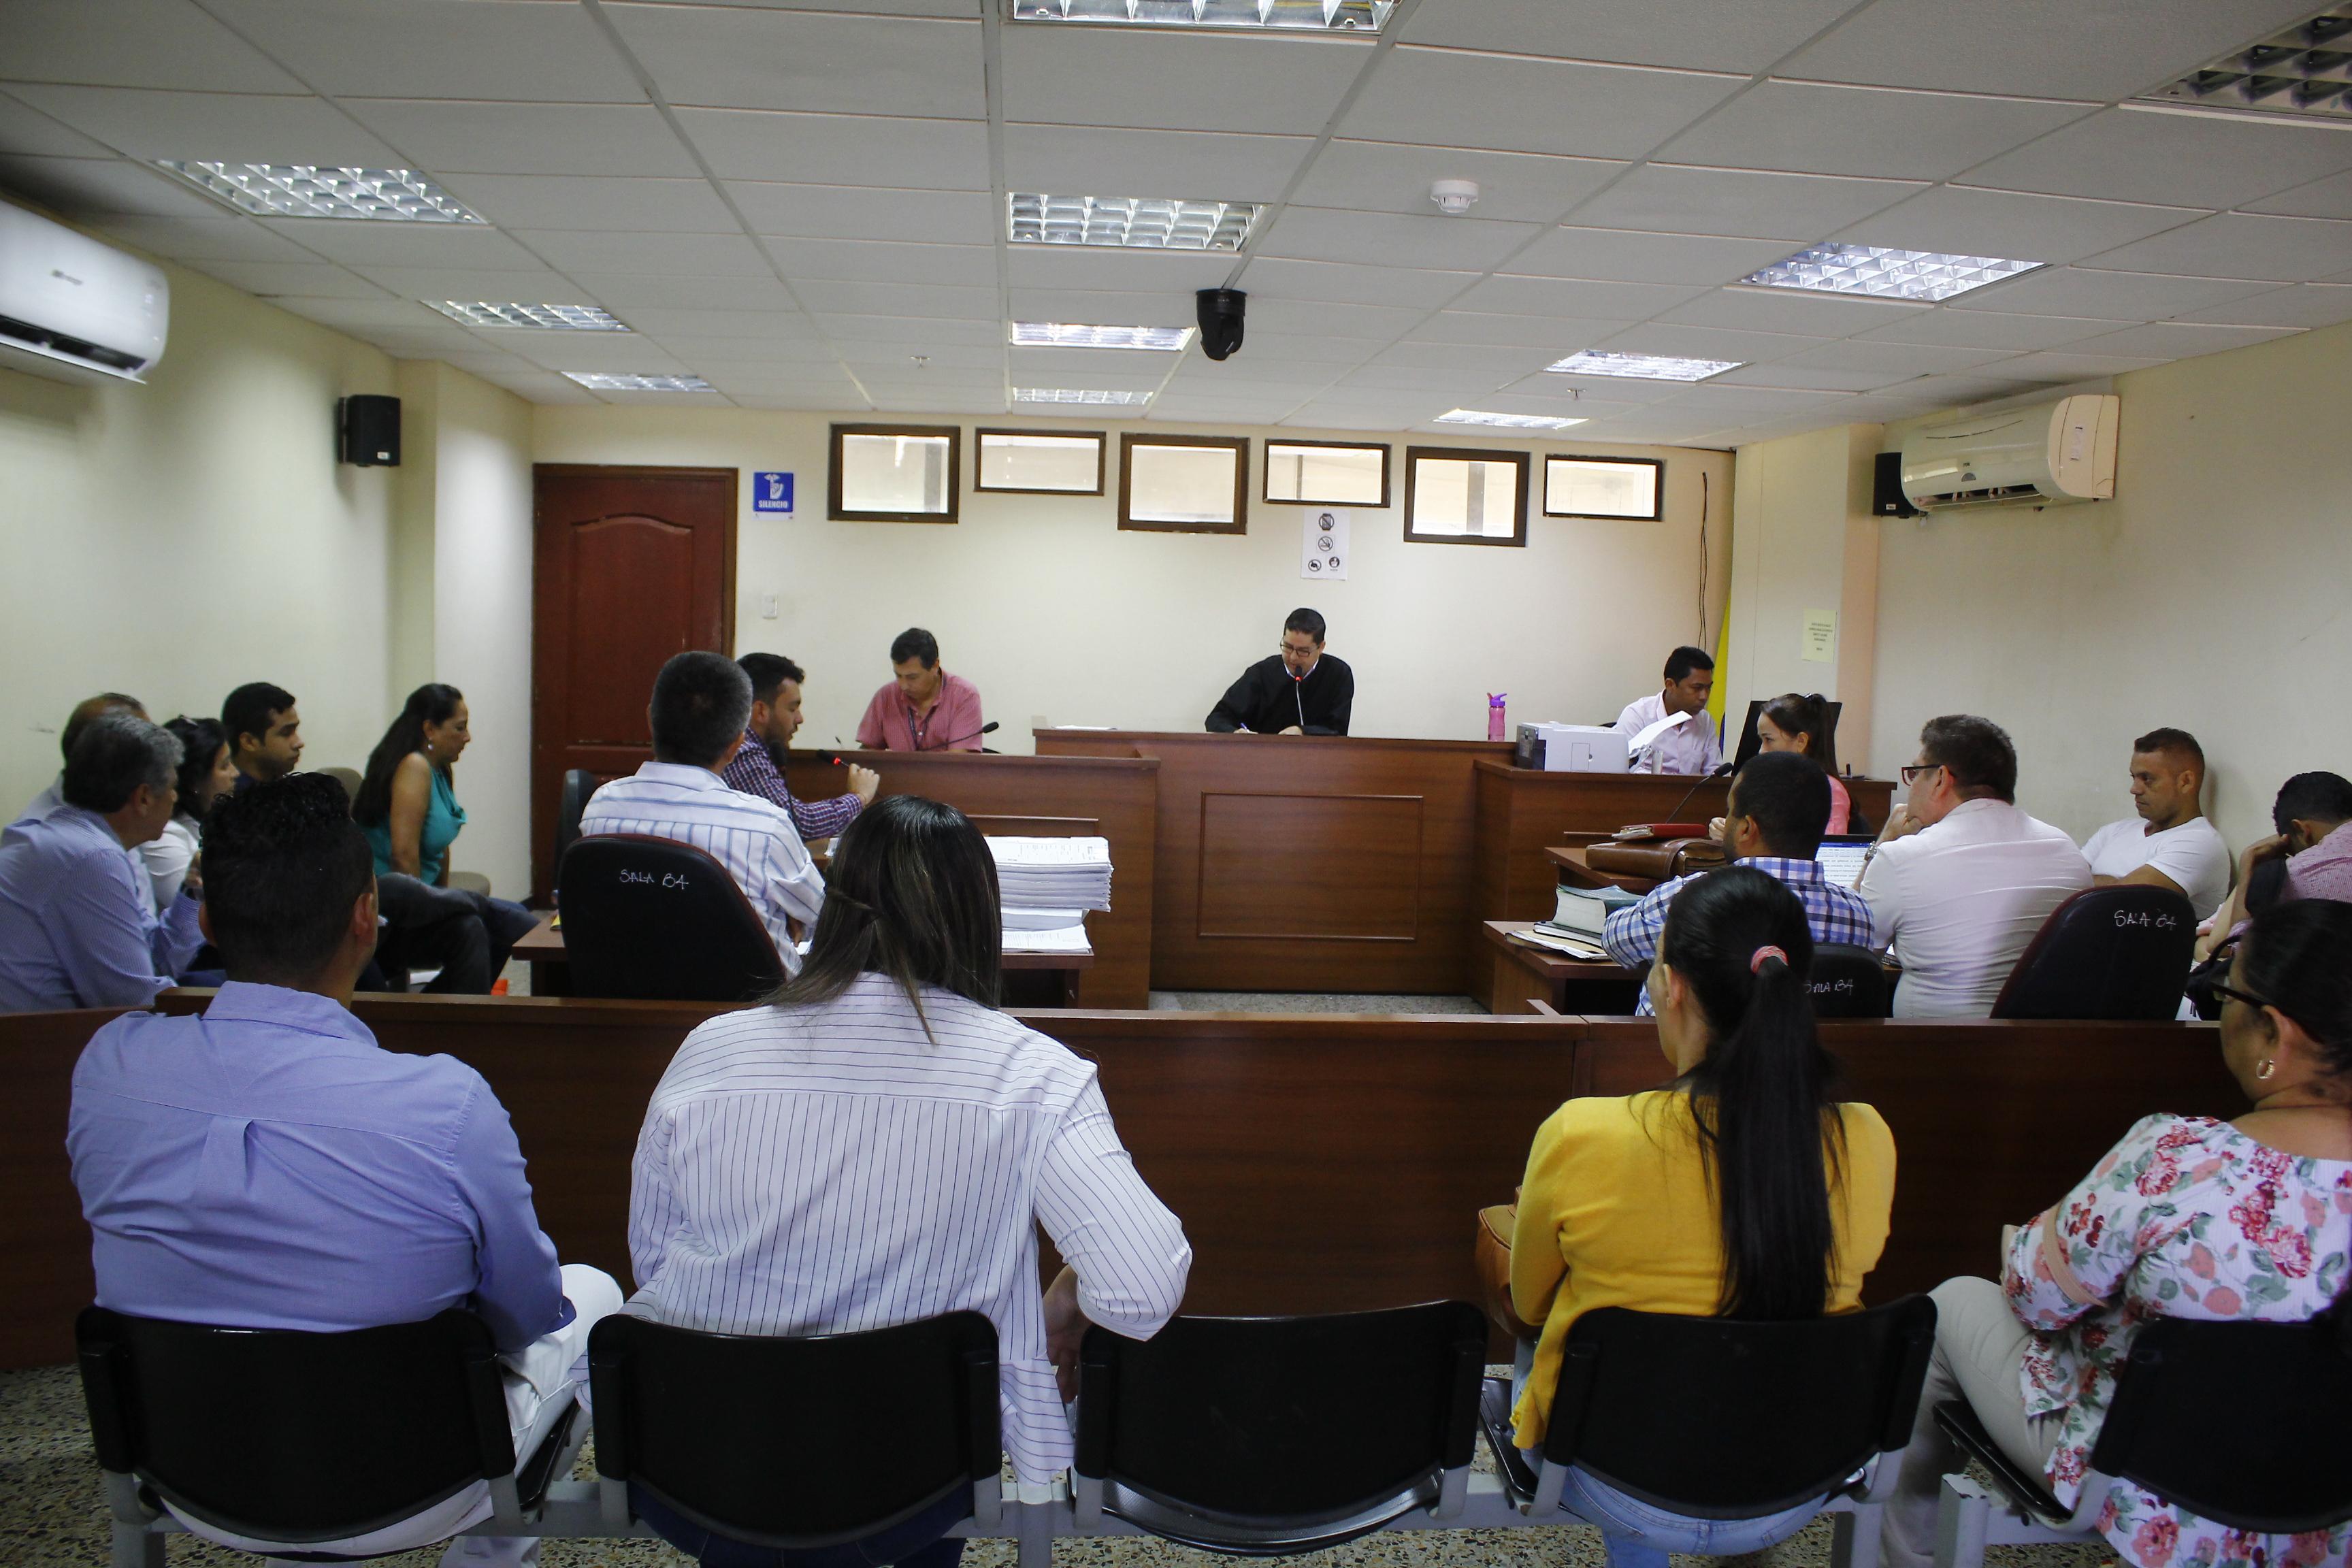 La decisión quedó en manos del tribunal de Valledupar.